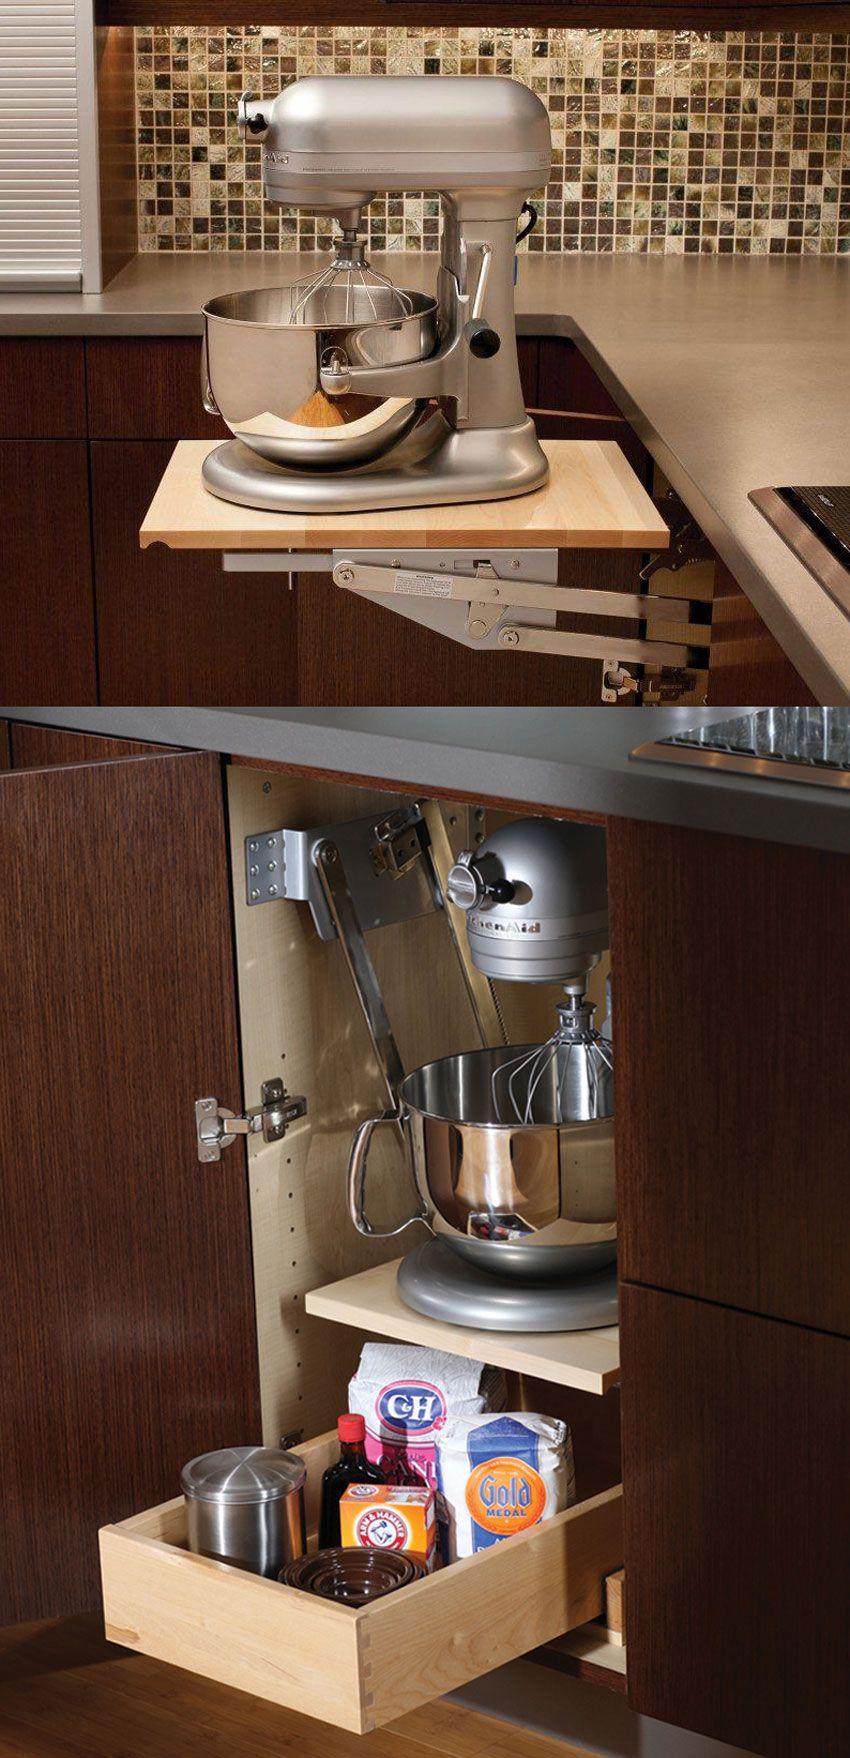 Best Kitchen Gallery: Mixer Kitchen Appliance Storage Cabi A Mixer Or Other Heavy of Kitchenaid Stand Mixer Storage Cabinet on rachelxblog.com